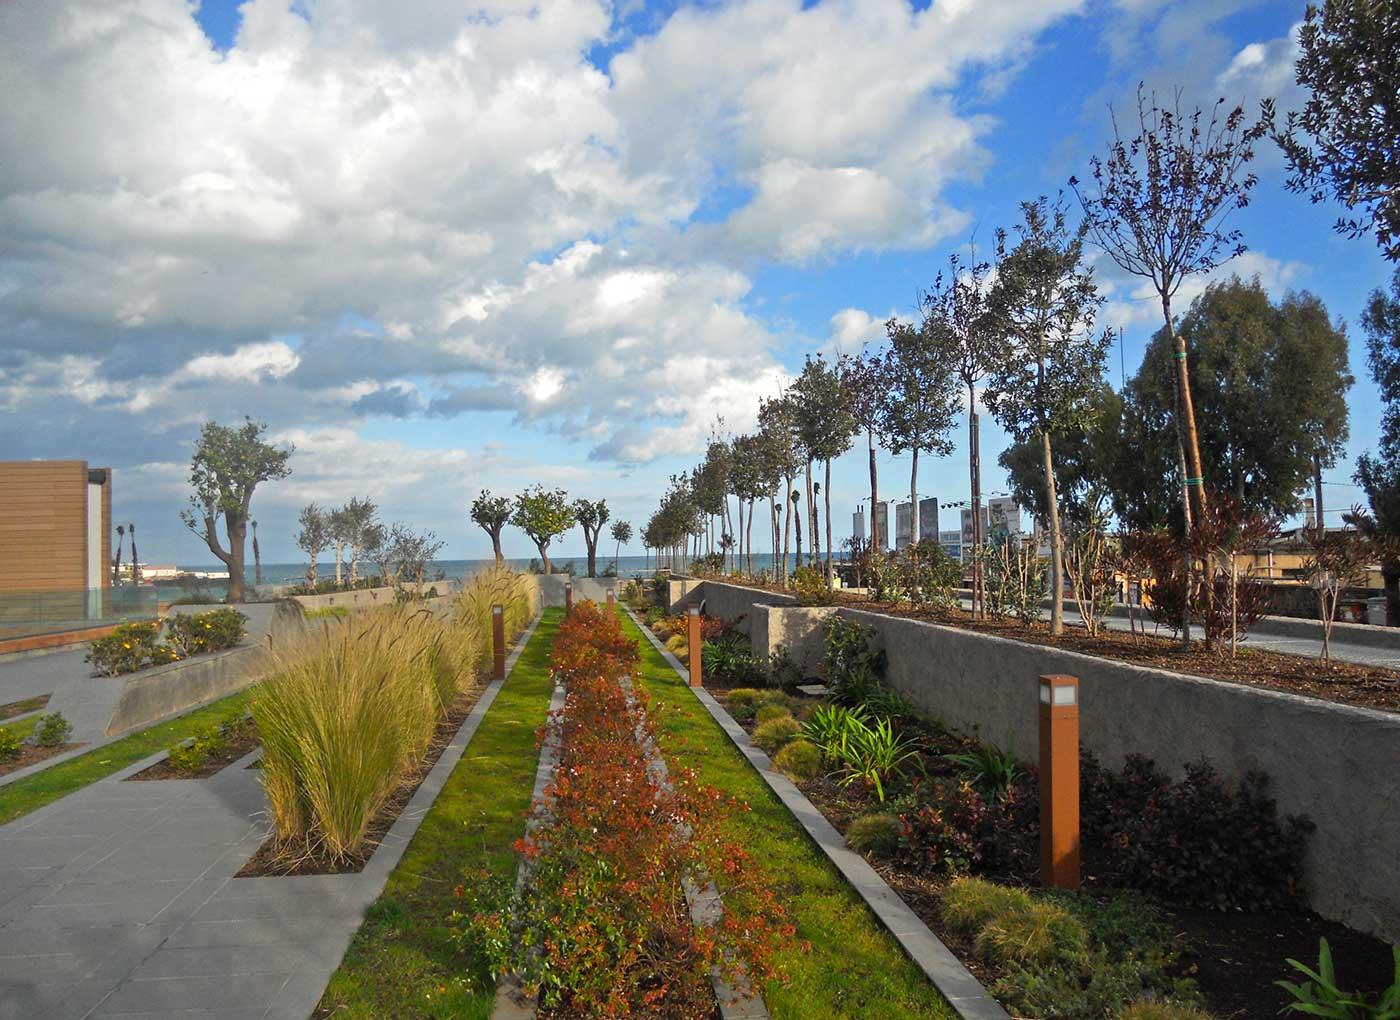 verde-urbano-giardini-AV2-2